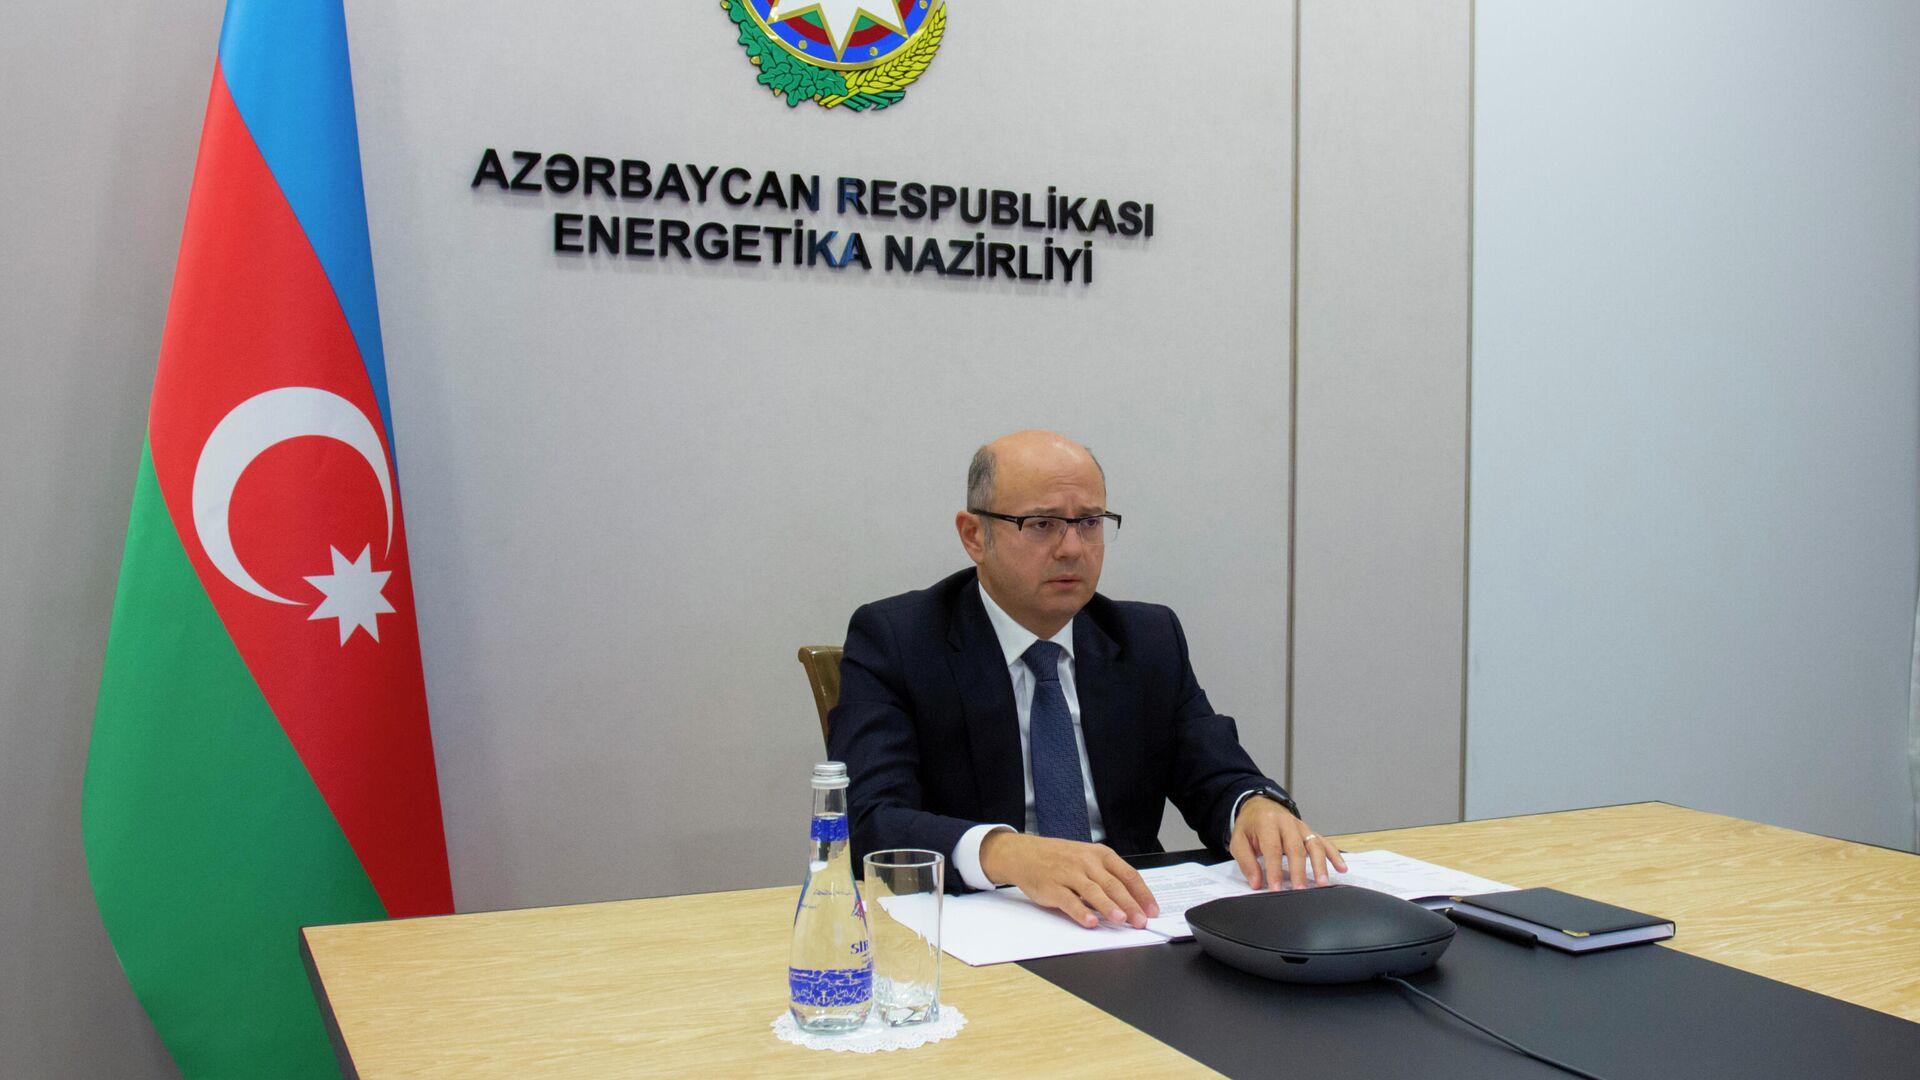 Министр энергетики Азербайджанской Республики Парвиз Шахбазов - Sputnik Азербайджан, 1920, 13.10.2021